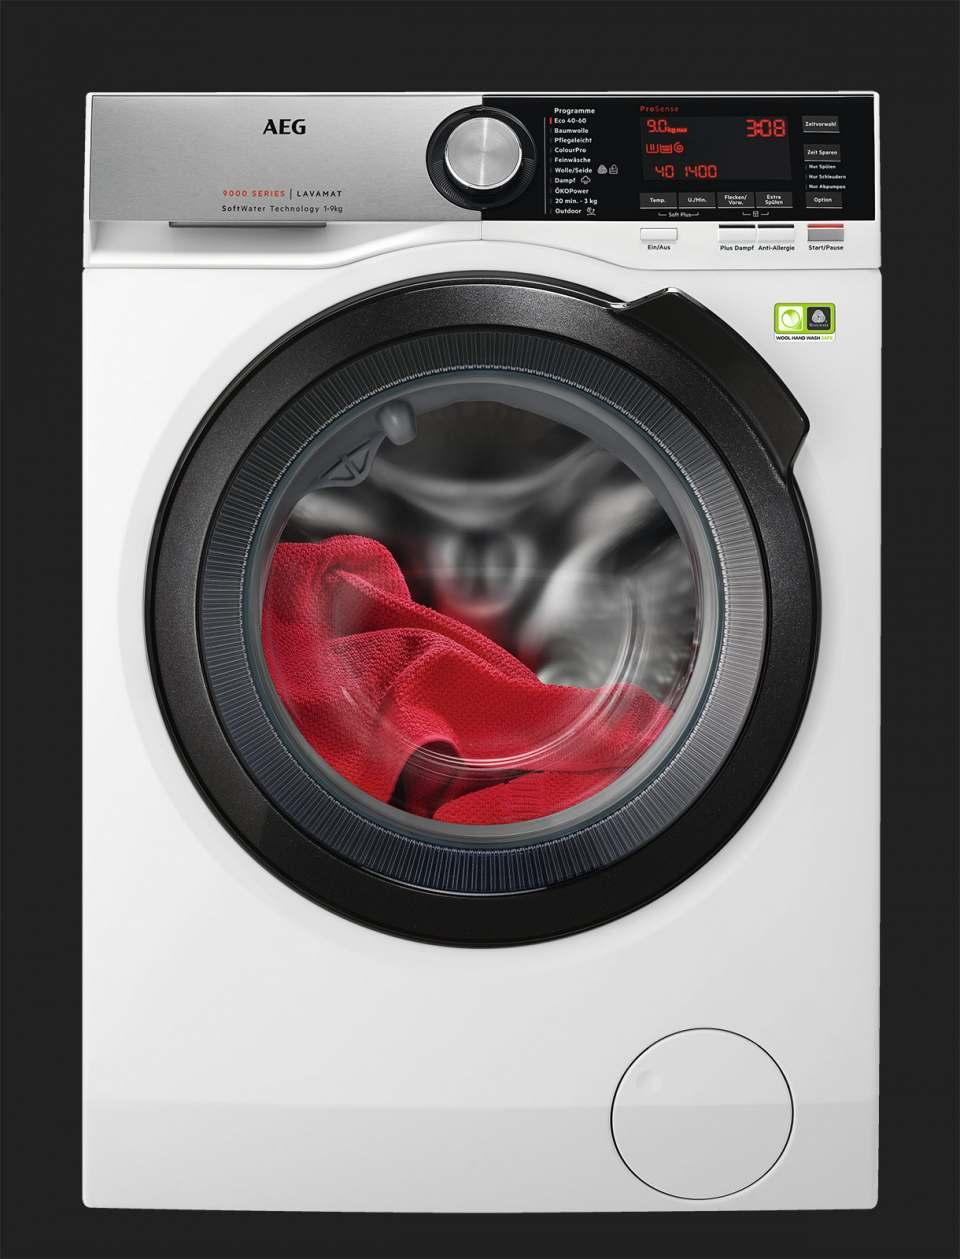 AEG Waschmaschine L9FS86699 mit 9 kg Fassungsvermögen.